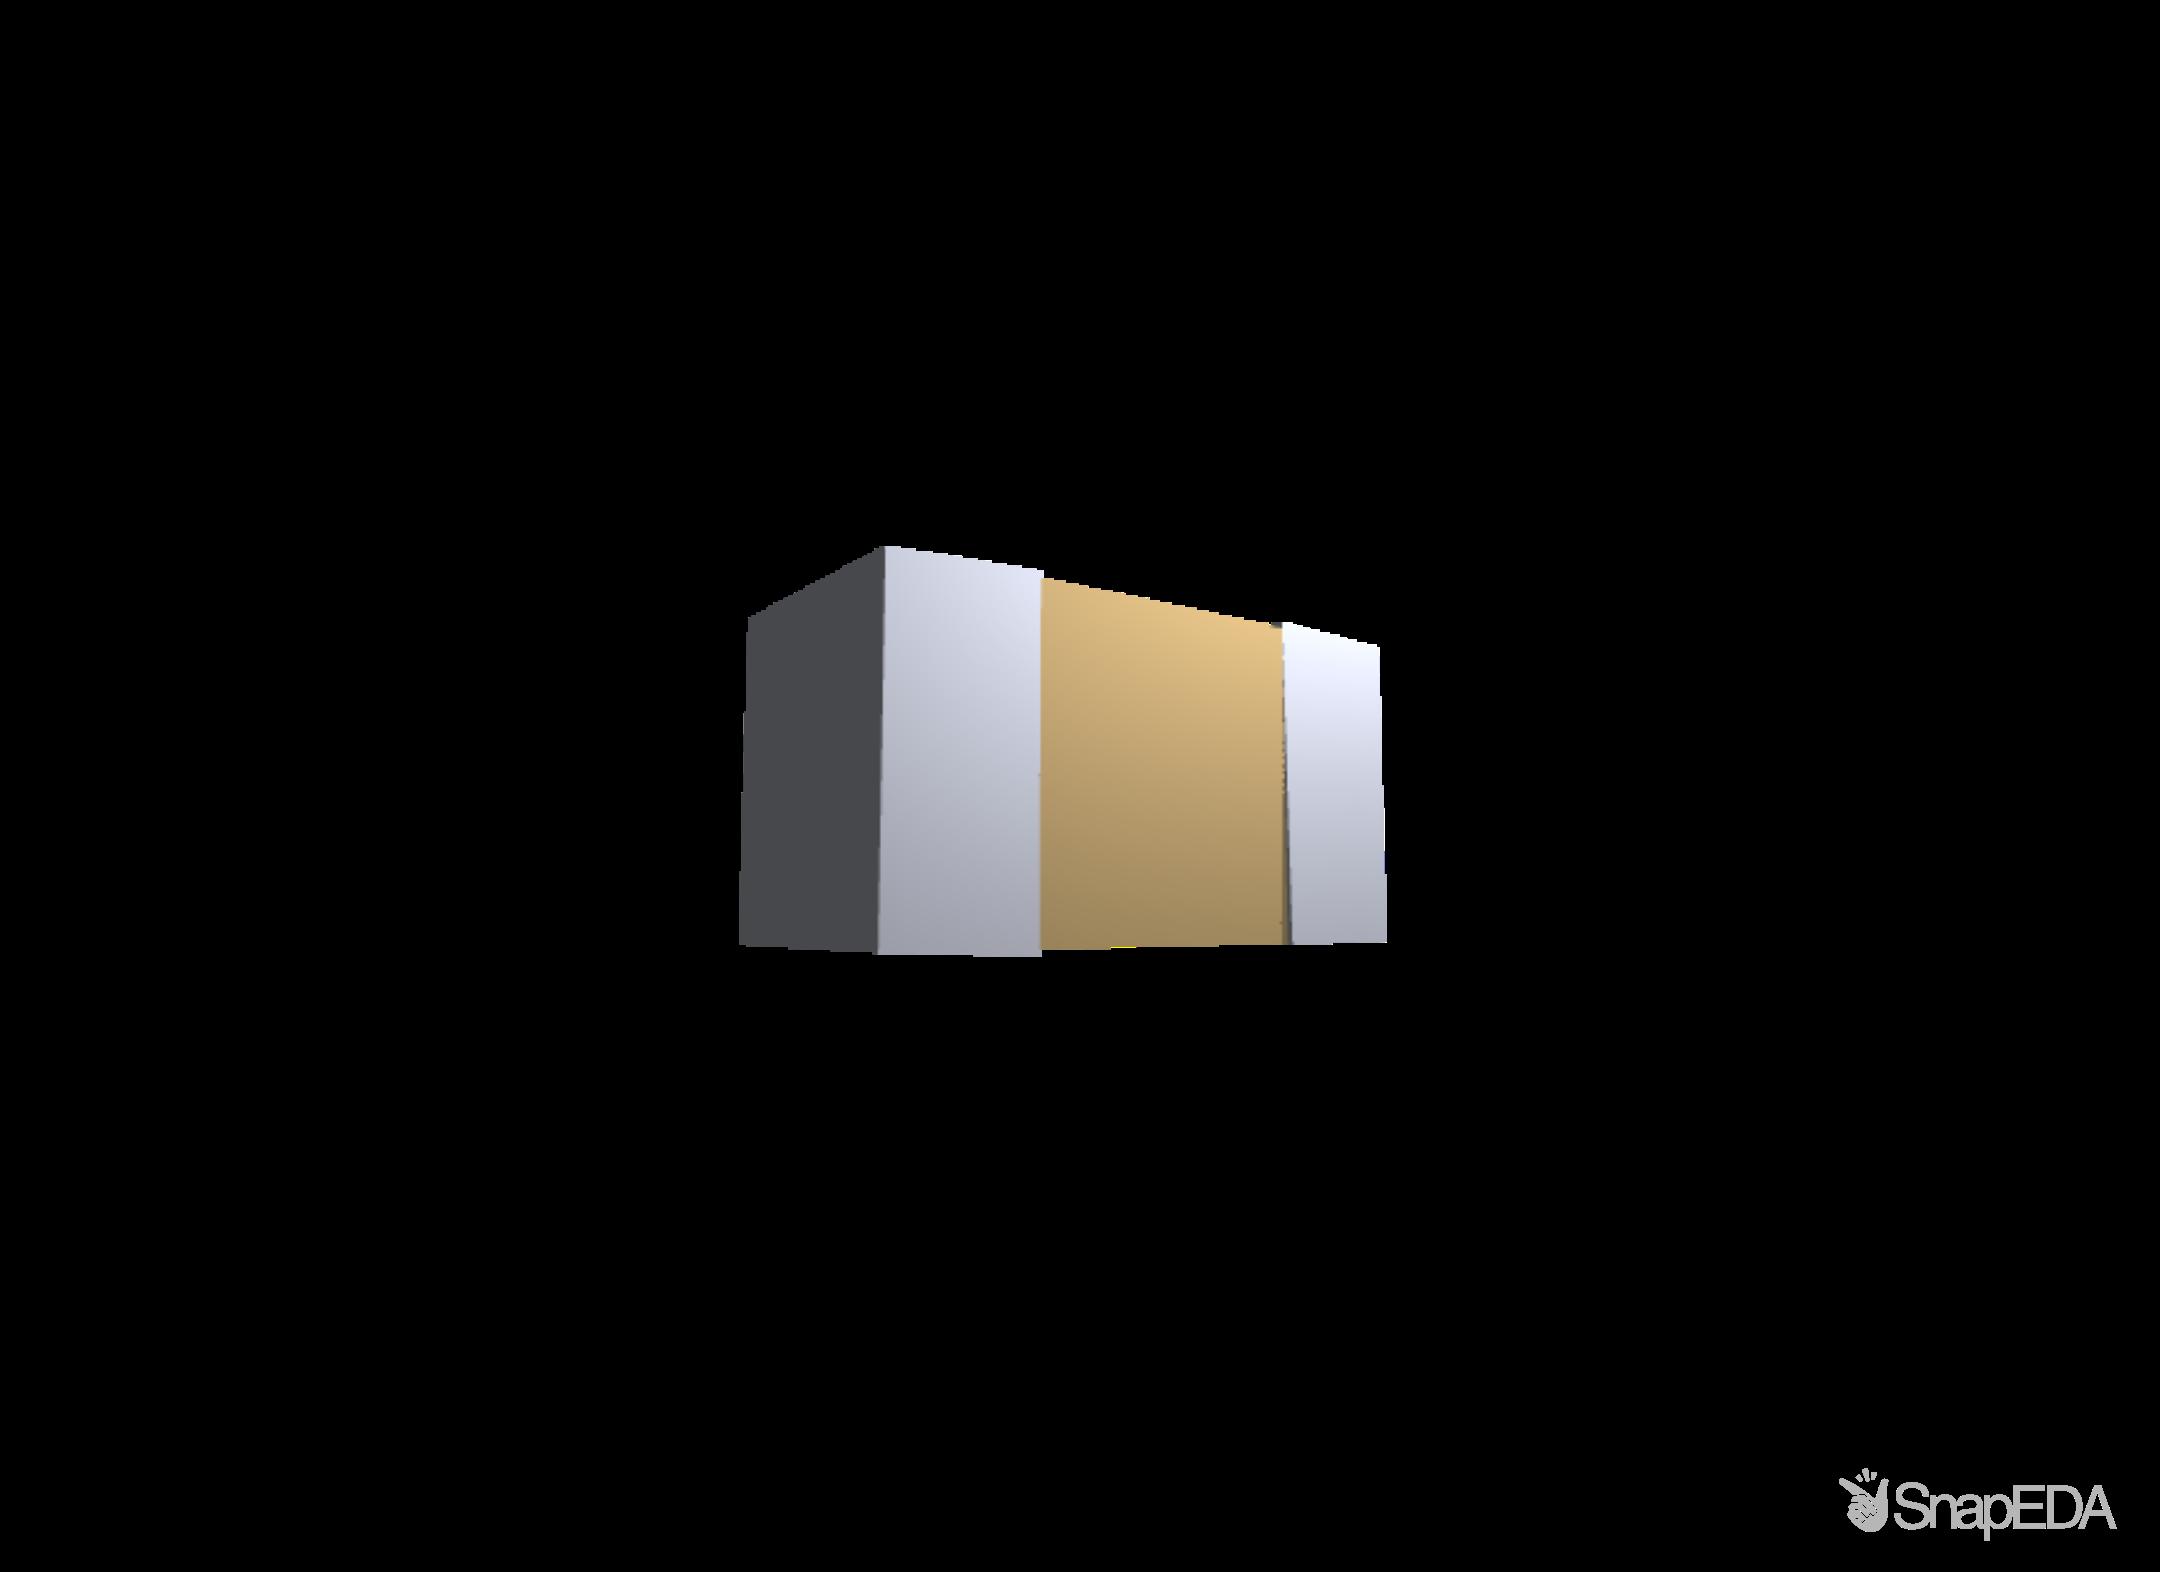 CL05A106MP5NUNC 3D Model